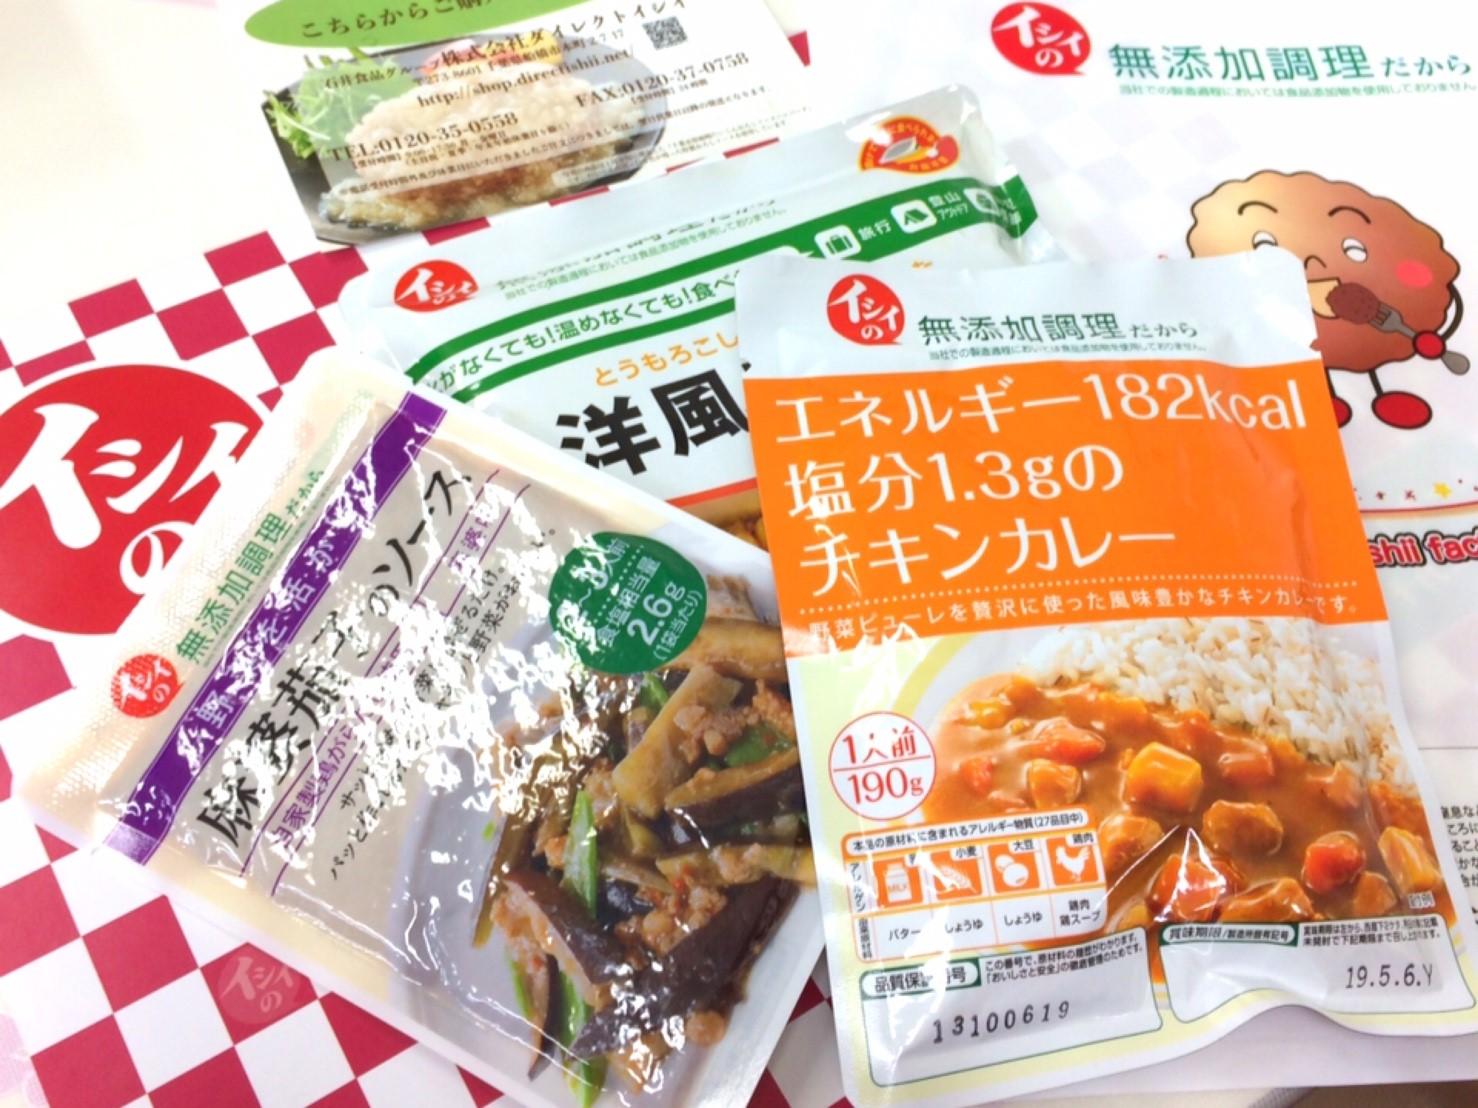 石井食品 トリミング_190225_0049